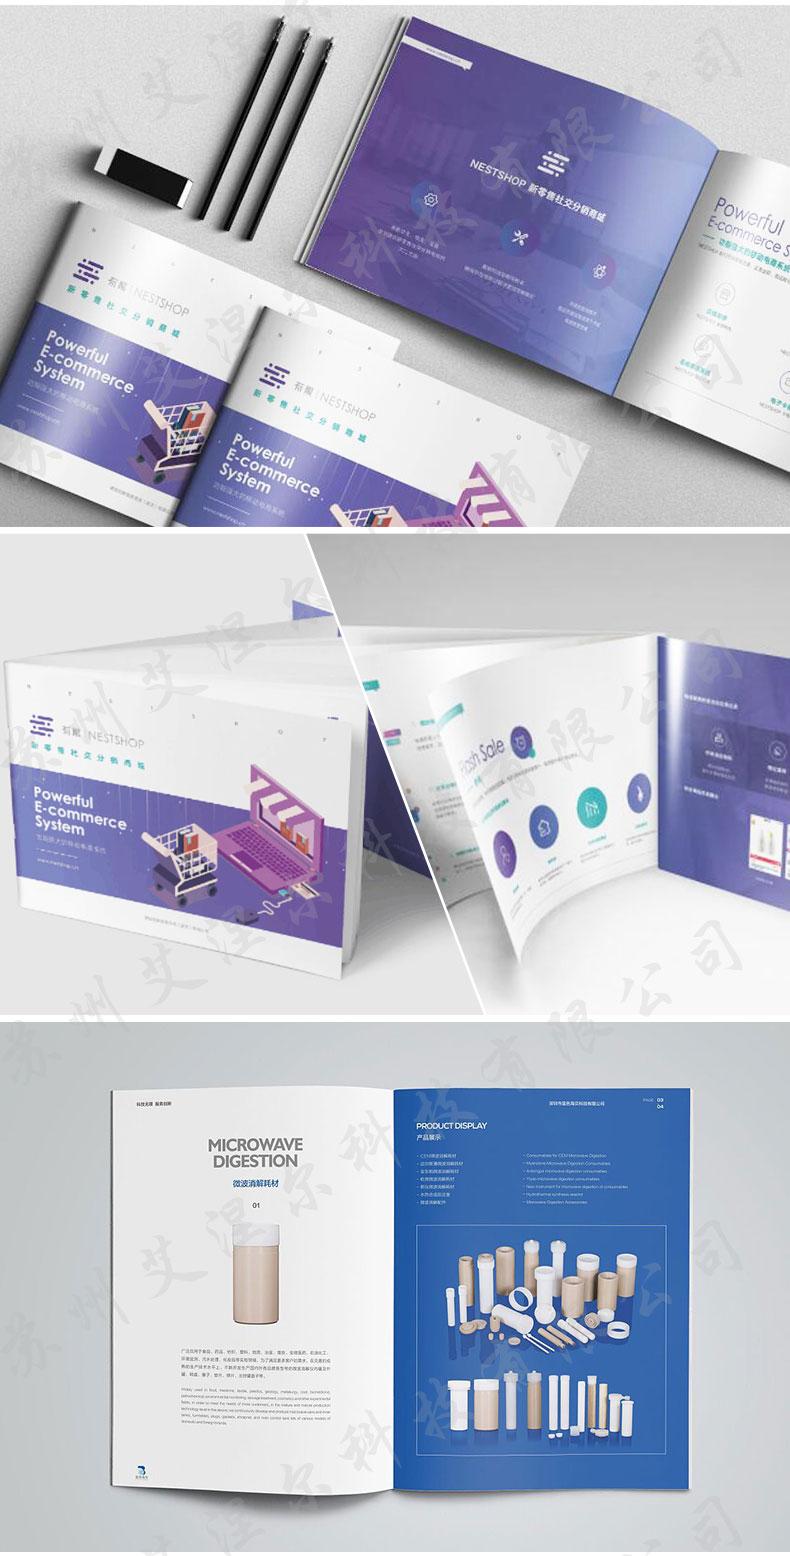 企业公司产品宣传册画册手册图册三折页书籍杂志刊例封面排版设计